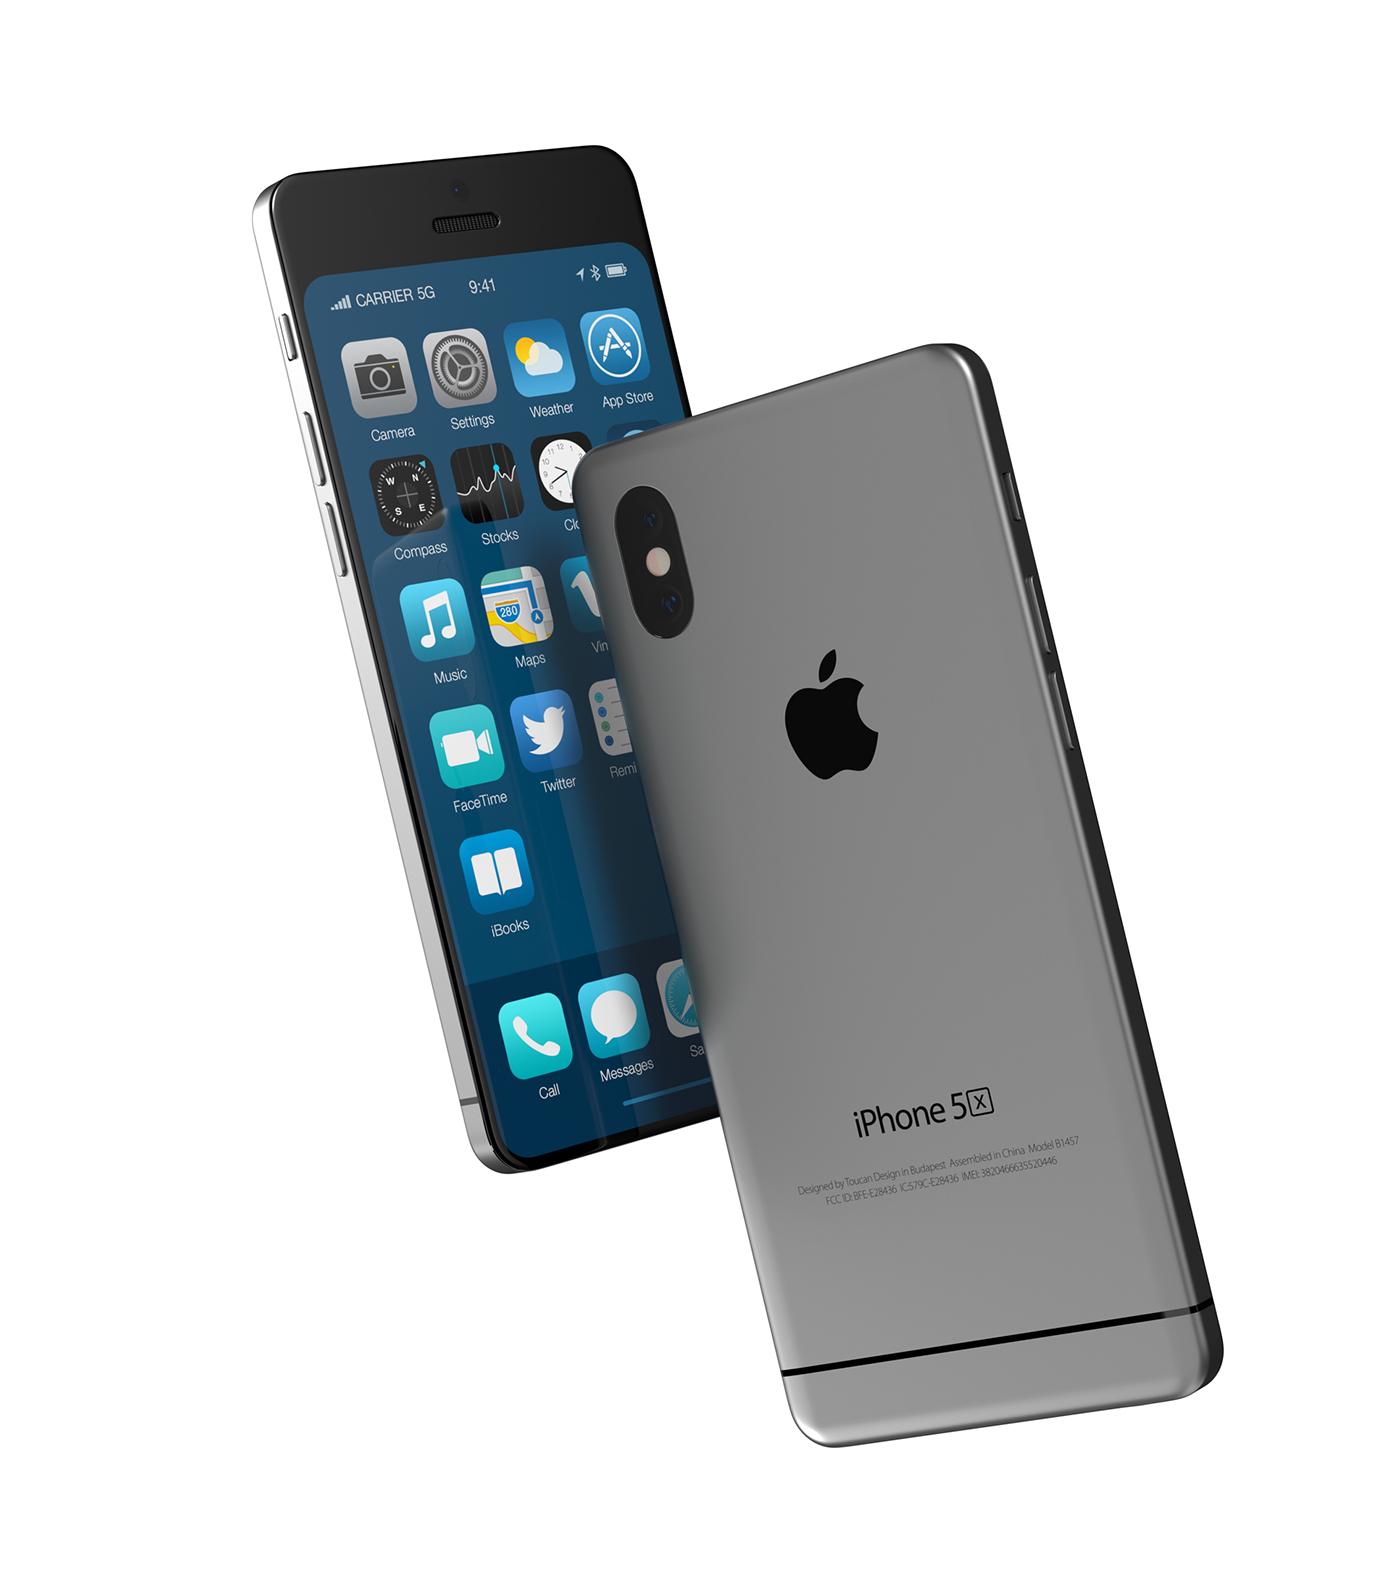 Iphone 5x On Behance Iphine 5